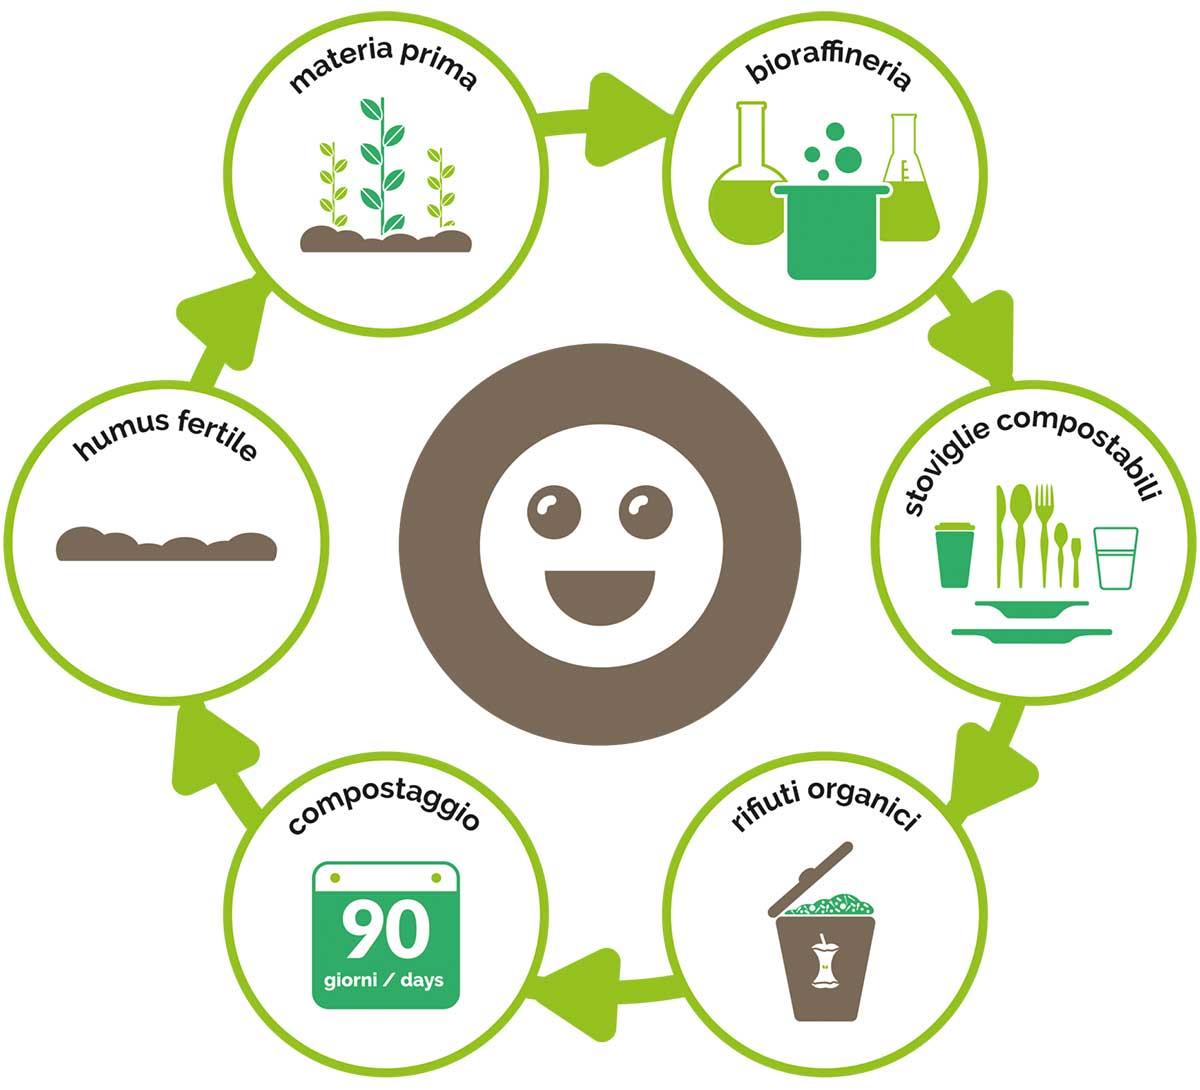 circolo-virtuoso-adessoverde-compostabile-compost-green-greenlife-humus-fertile-materiale-bioraffineria-rifiuti-organici-stoviglie-e1579506913348